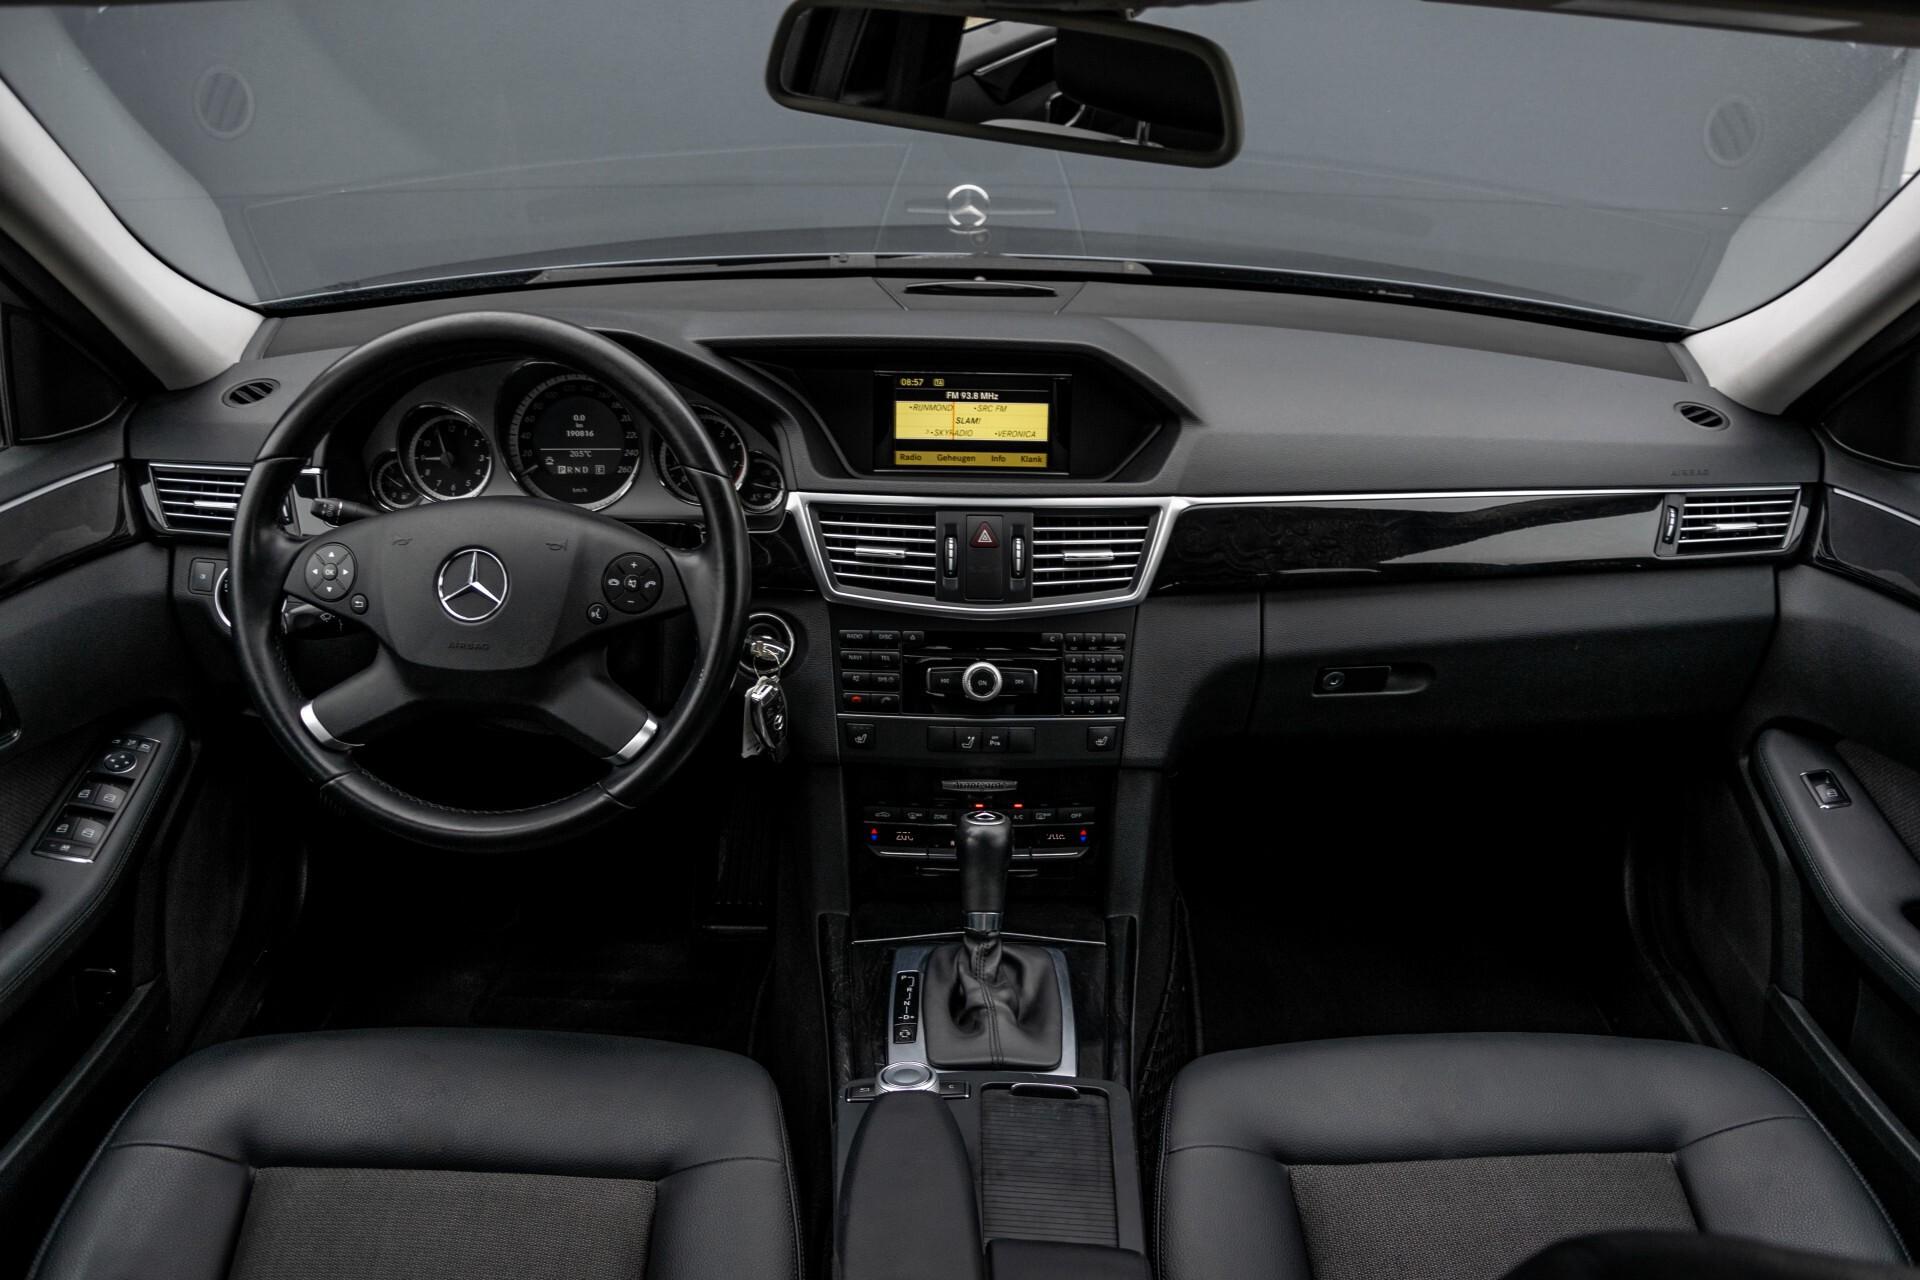 Mercedes-Benz E-Klasse 200 CGI Avantgarde Busines Class Aut5 Foto 8